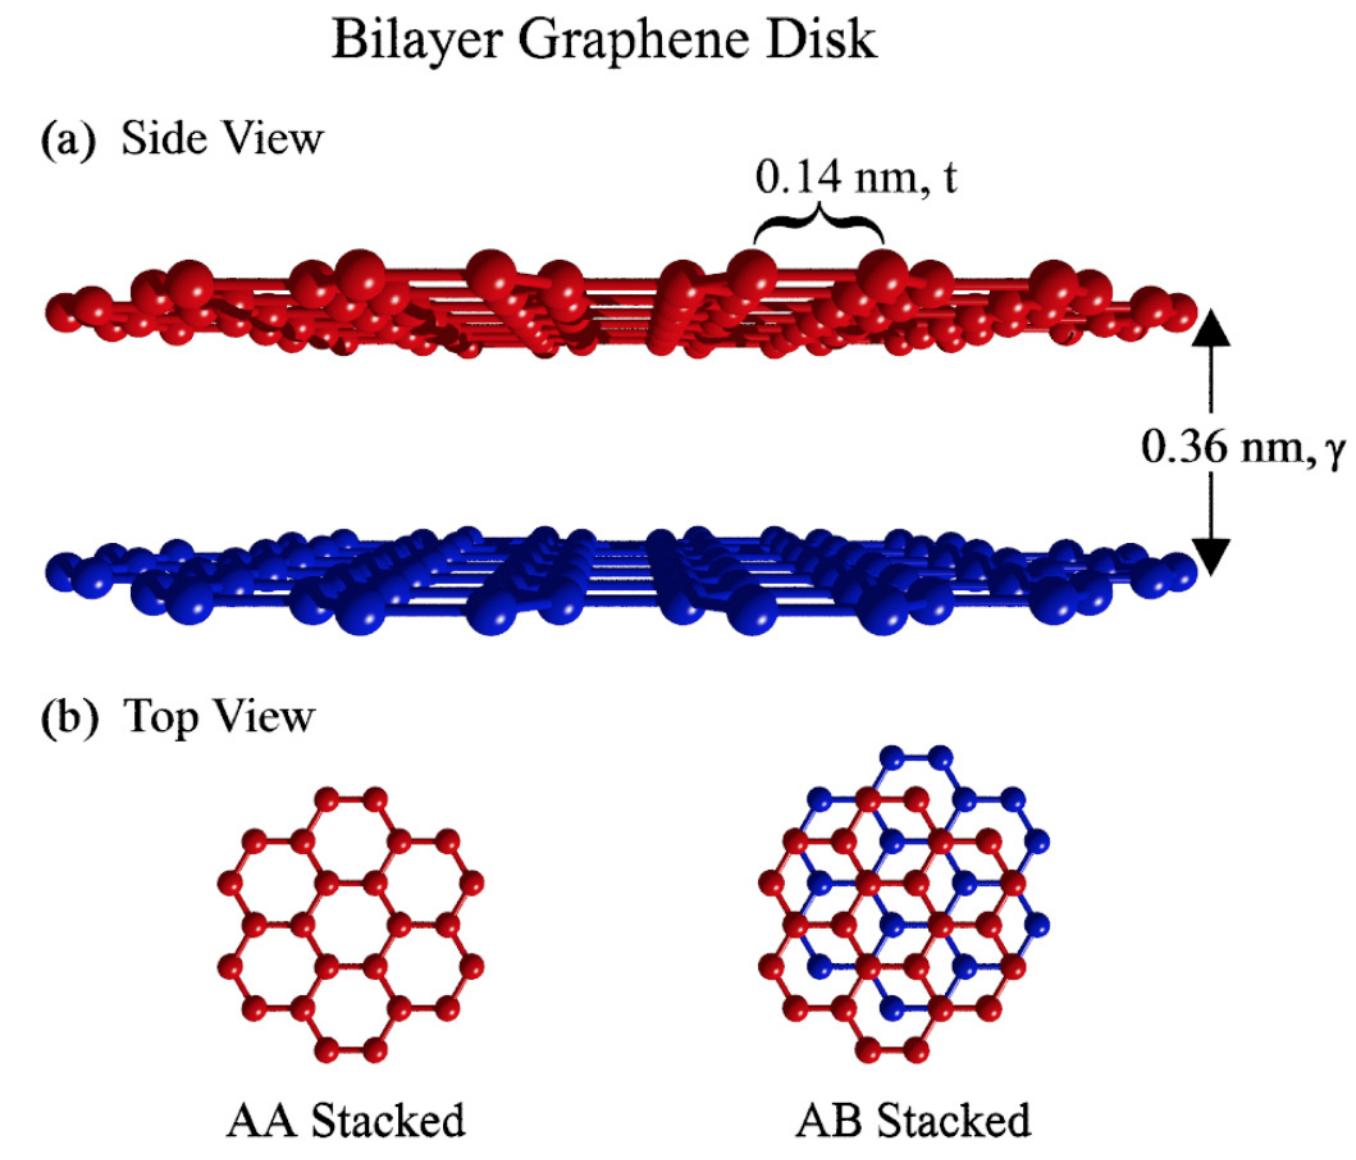 Кручу-верчу, запутать хочу: манипуляции с двухслойным графеном - 2